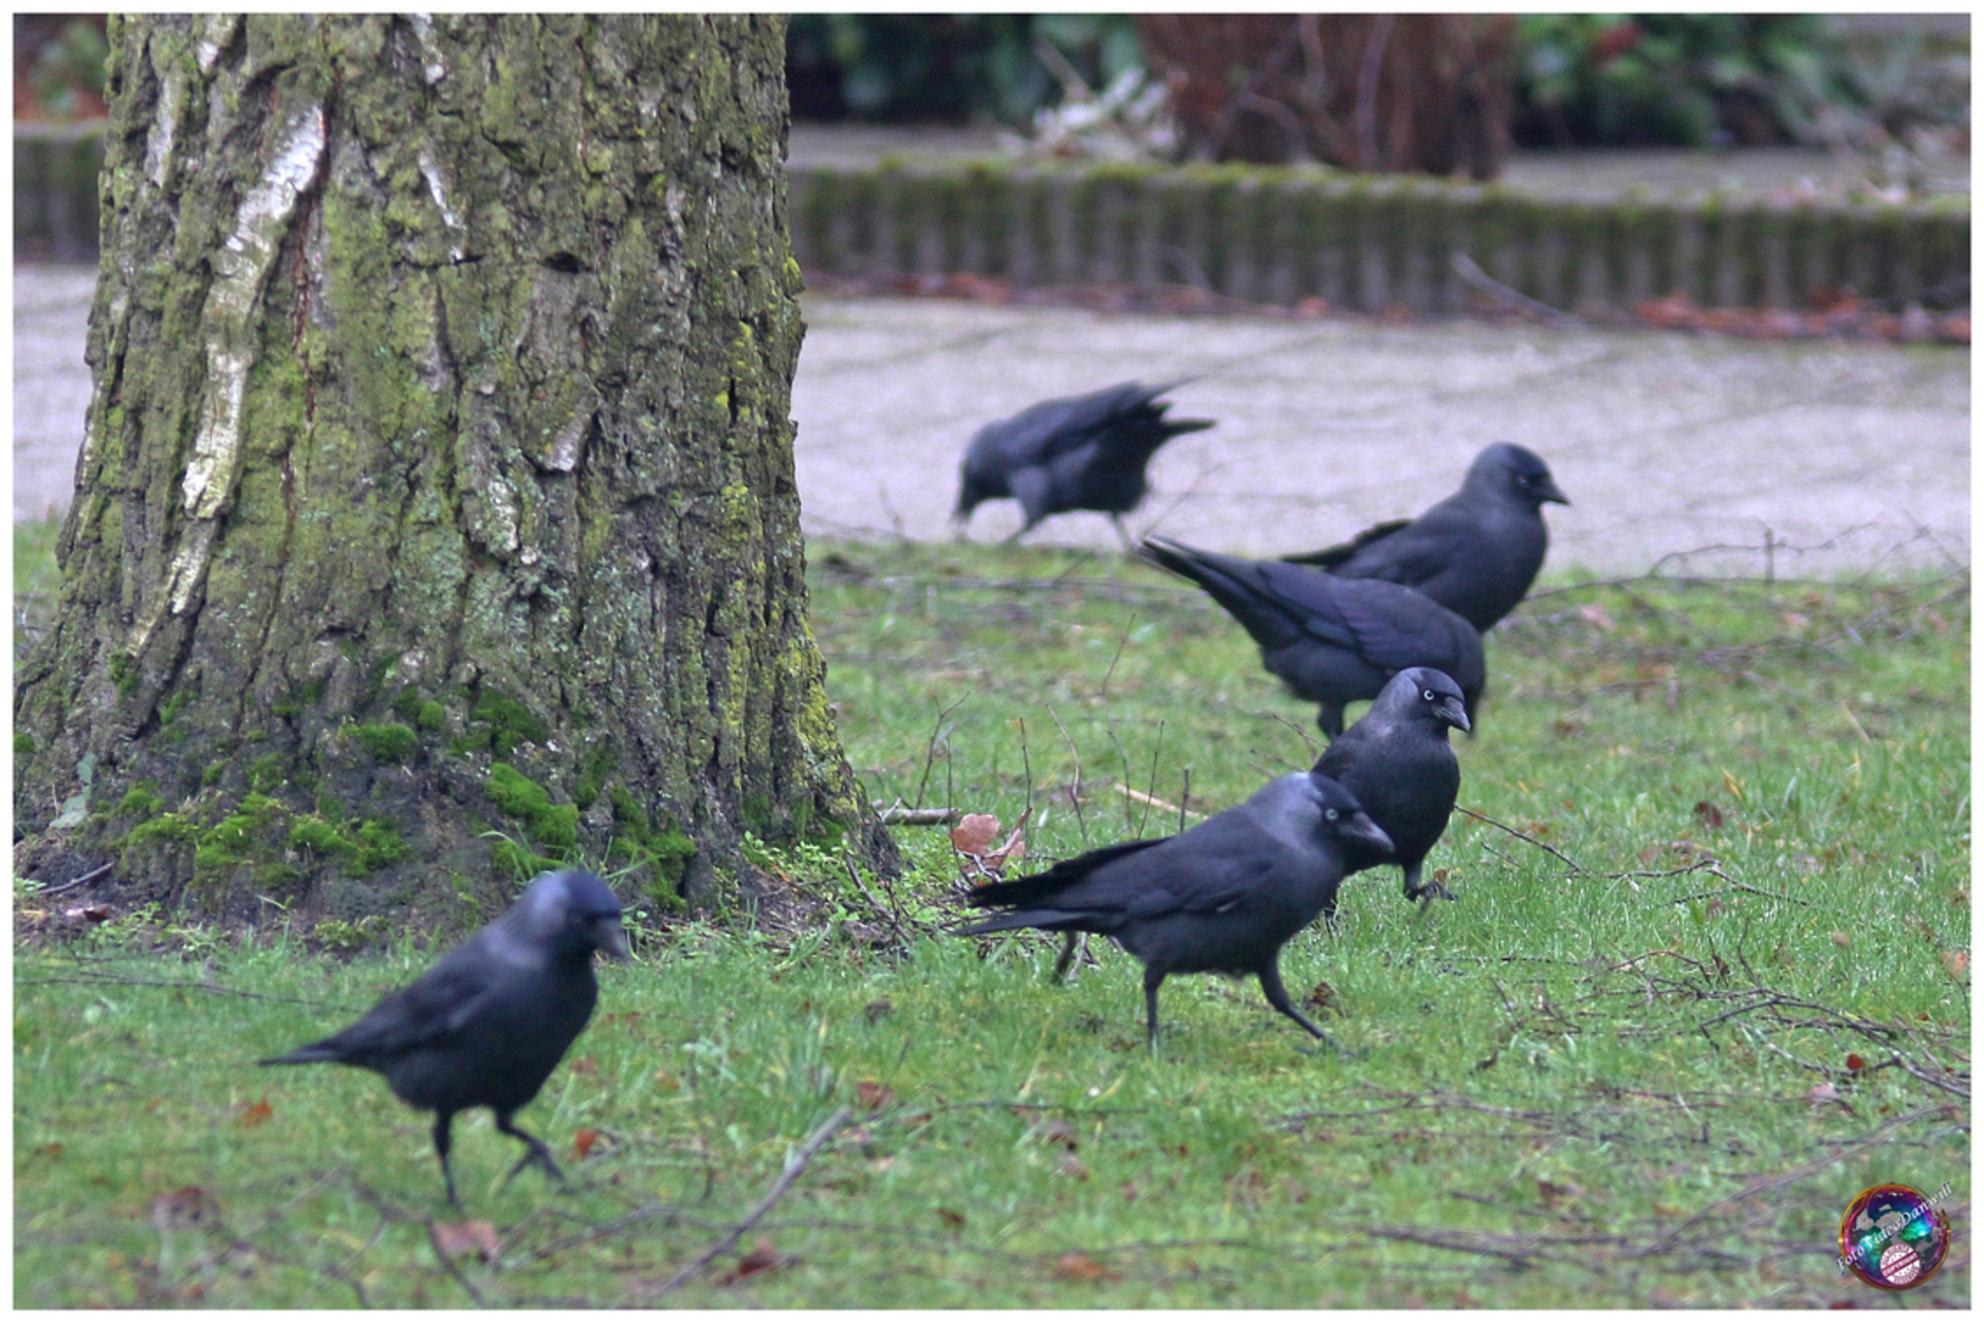 Jongens, hier is het ... - - - foto door willemdanker op 05-01-2019 - deze foto bevat: vogels, gevonden, kauwen, zeewolde